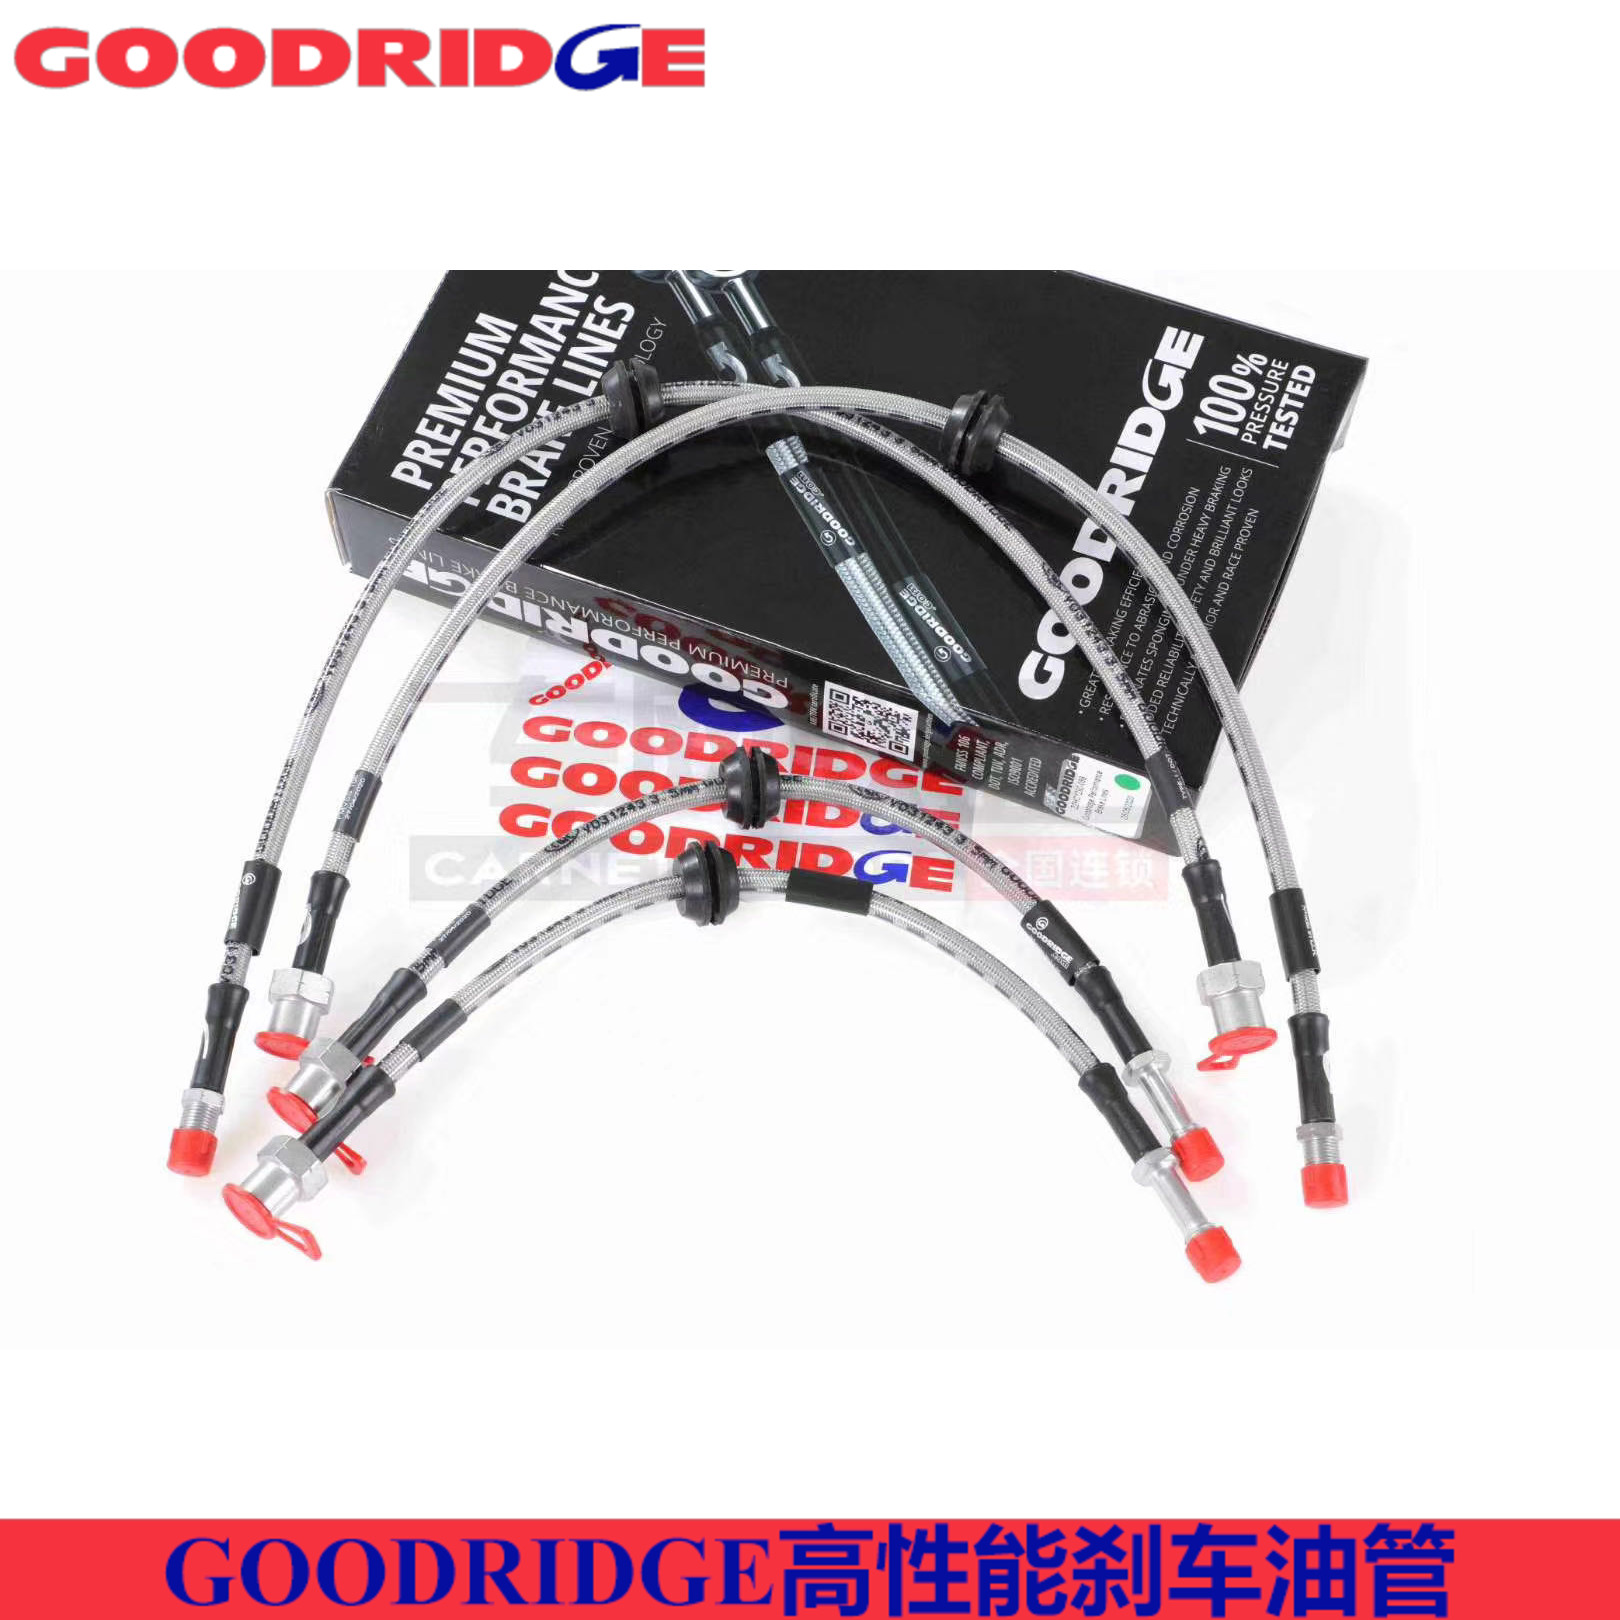 goodridge刹车油管适配宝马G20G28 320LI 330LI前后刹车钢喉油管